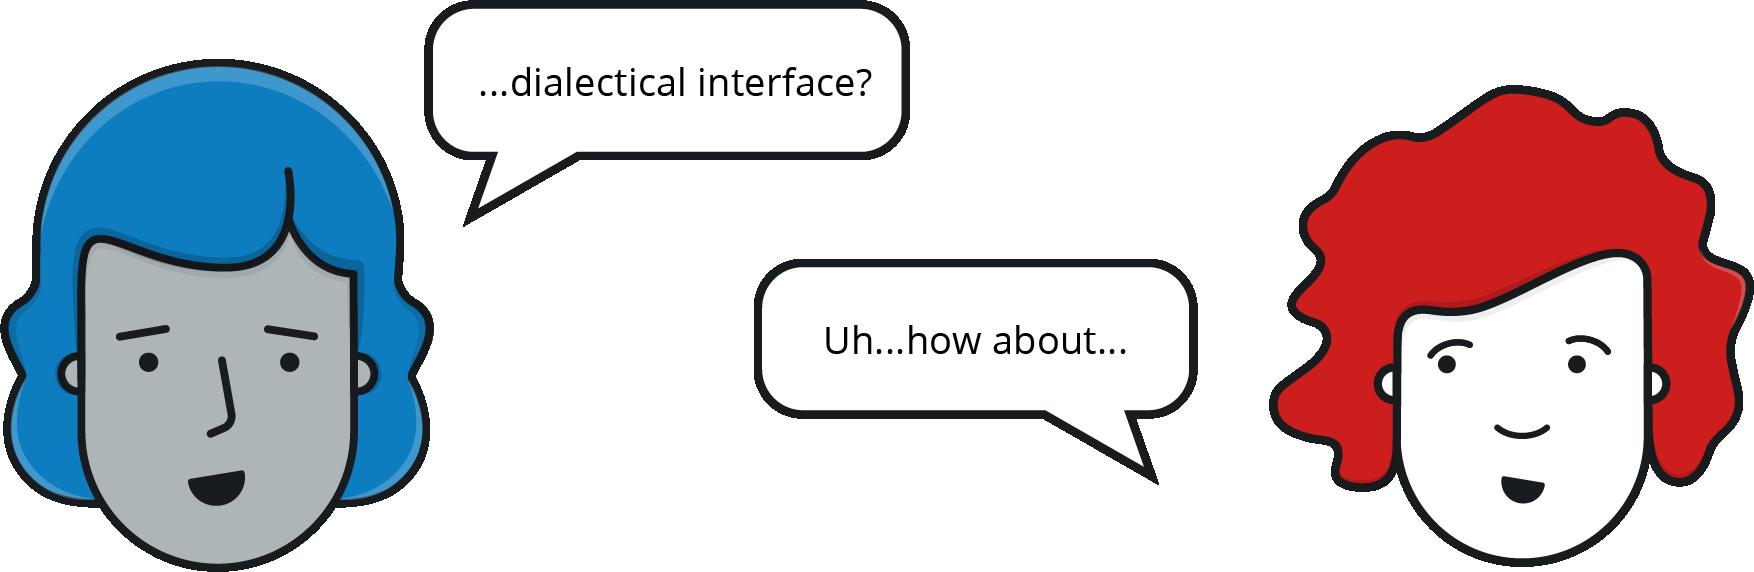 understanding definitions